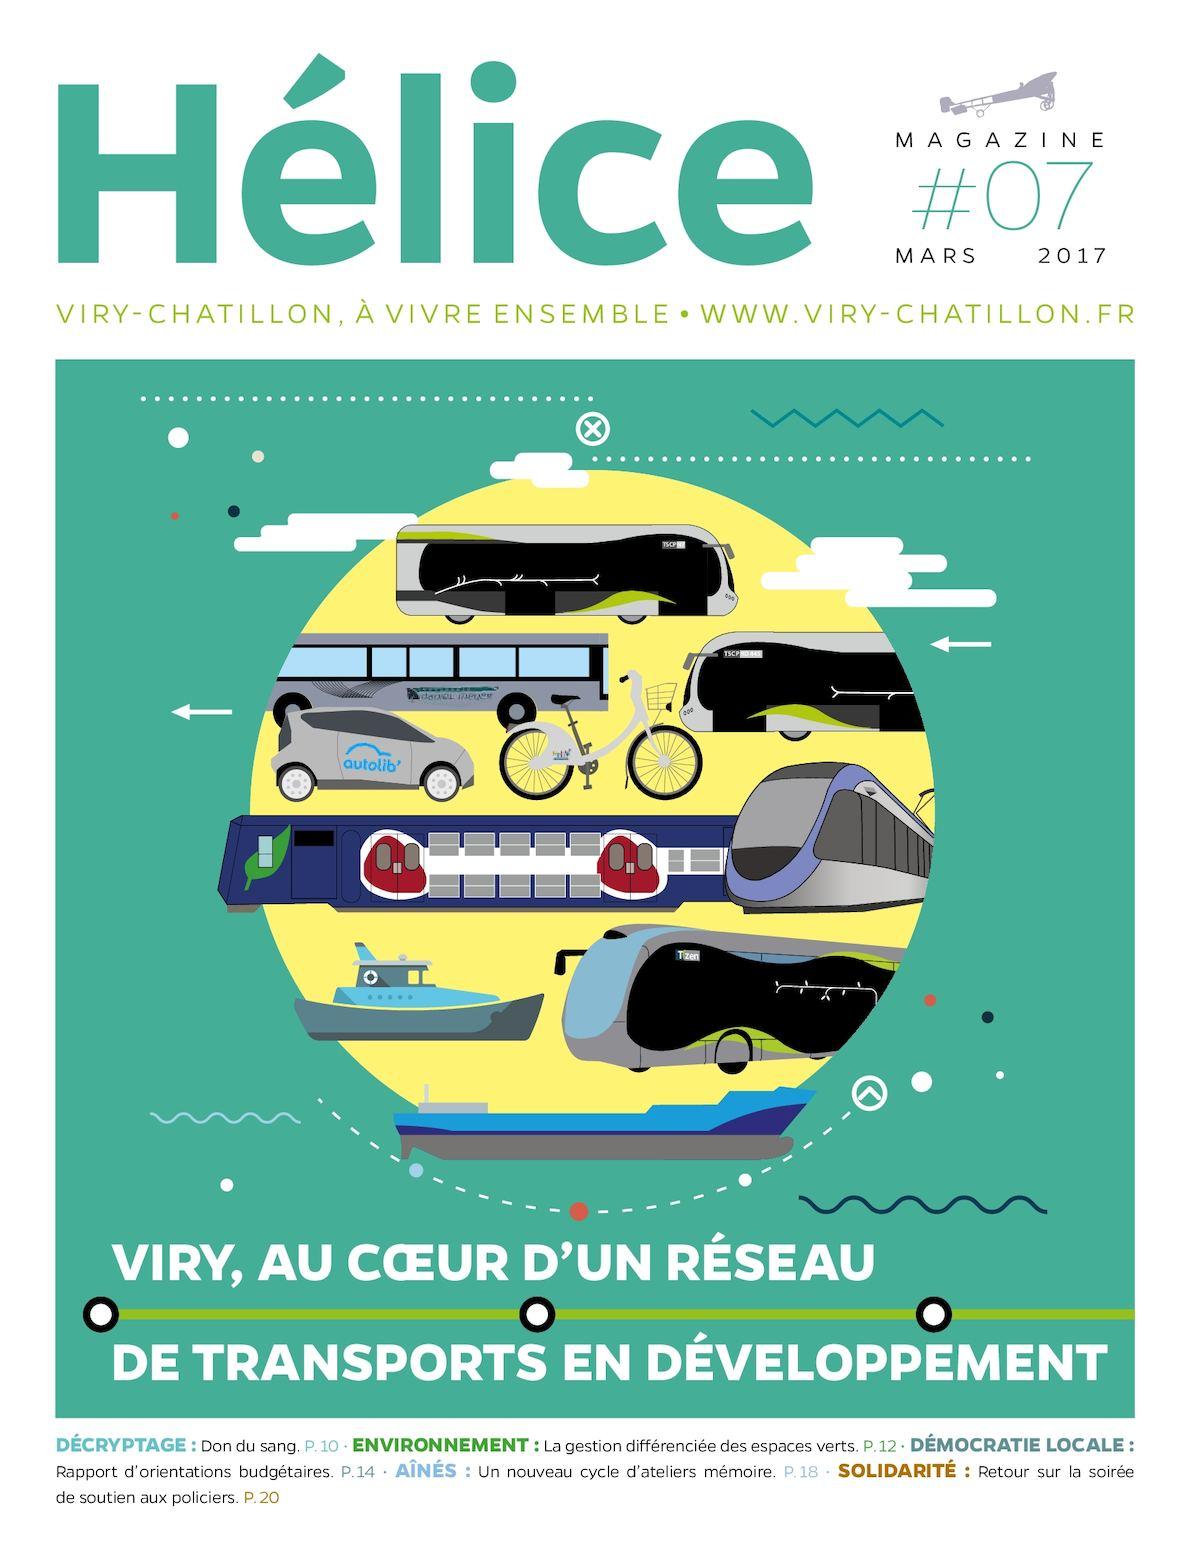 Helice n°07 mars 2017